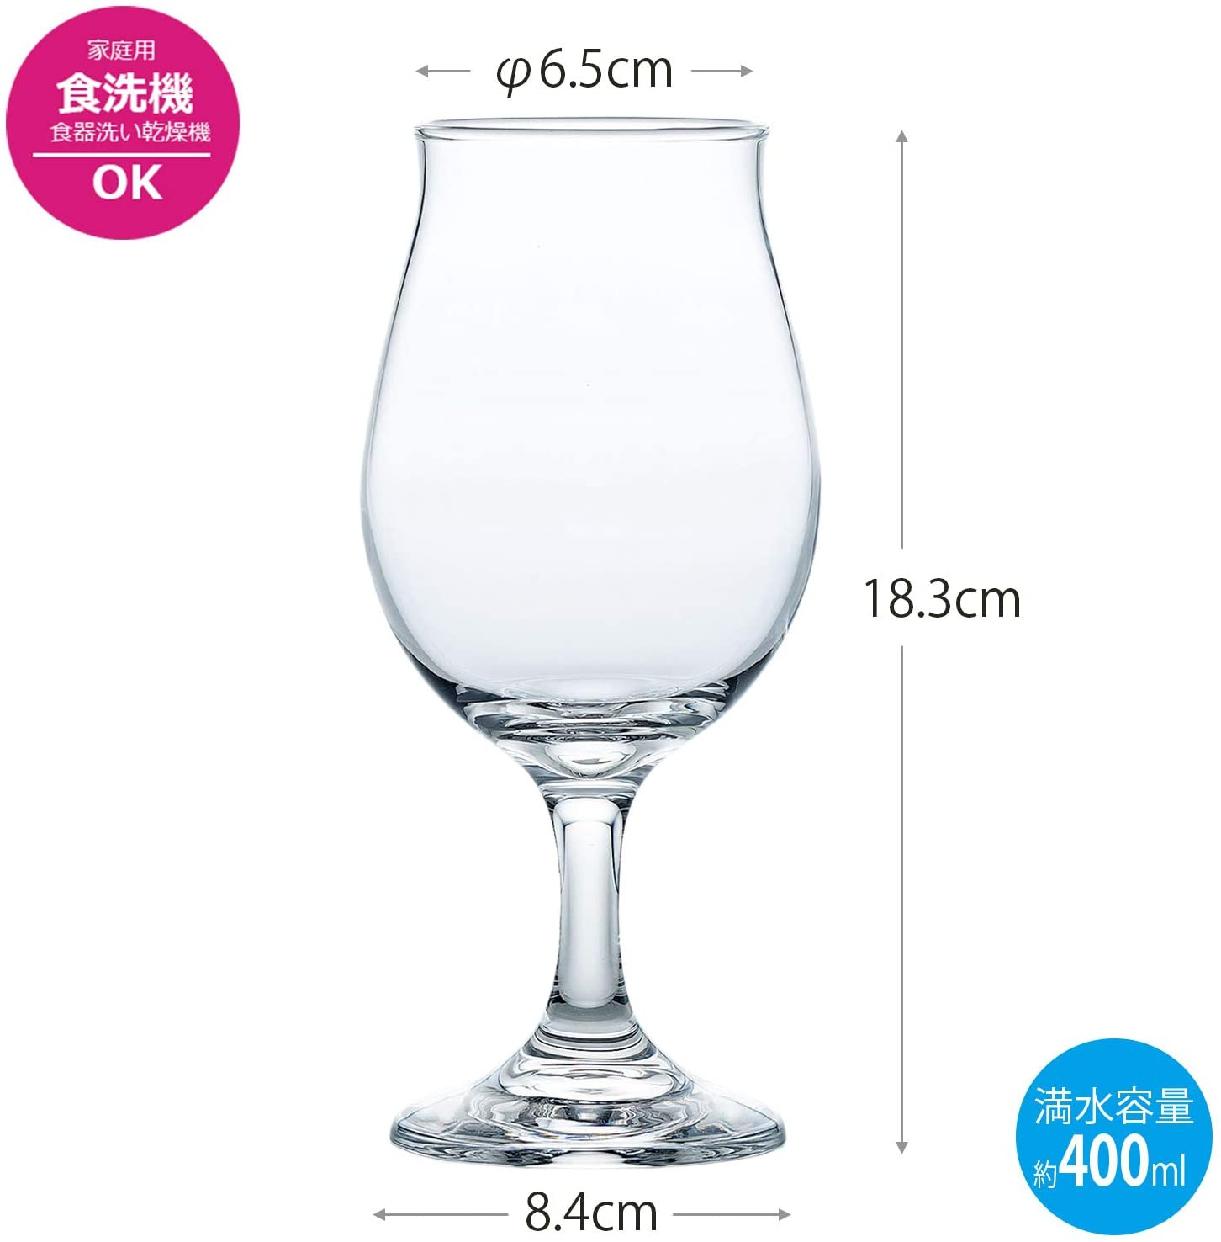 東洋佐々木ガラス ビヤーグラス(香り) 36310-JAN-Pの商品画像3